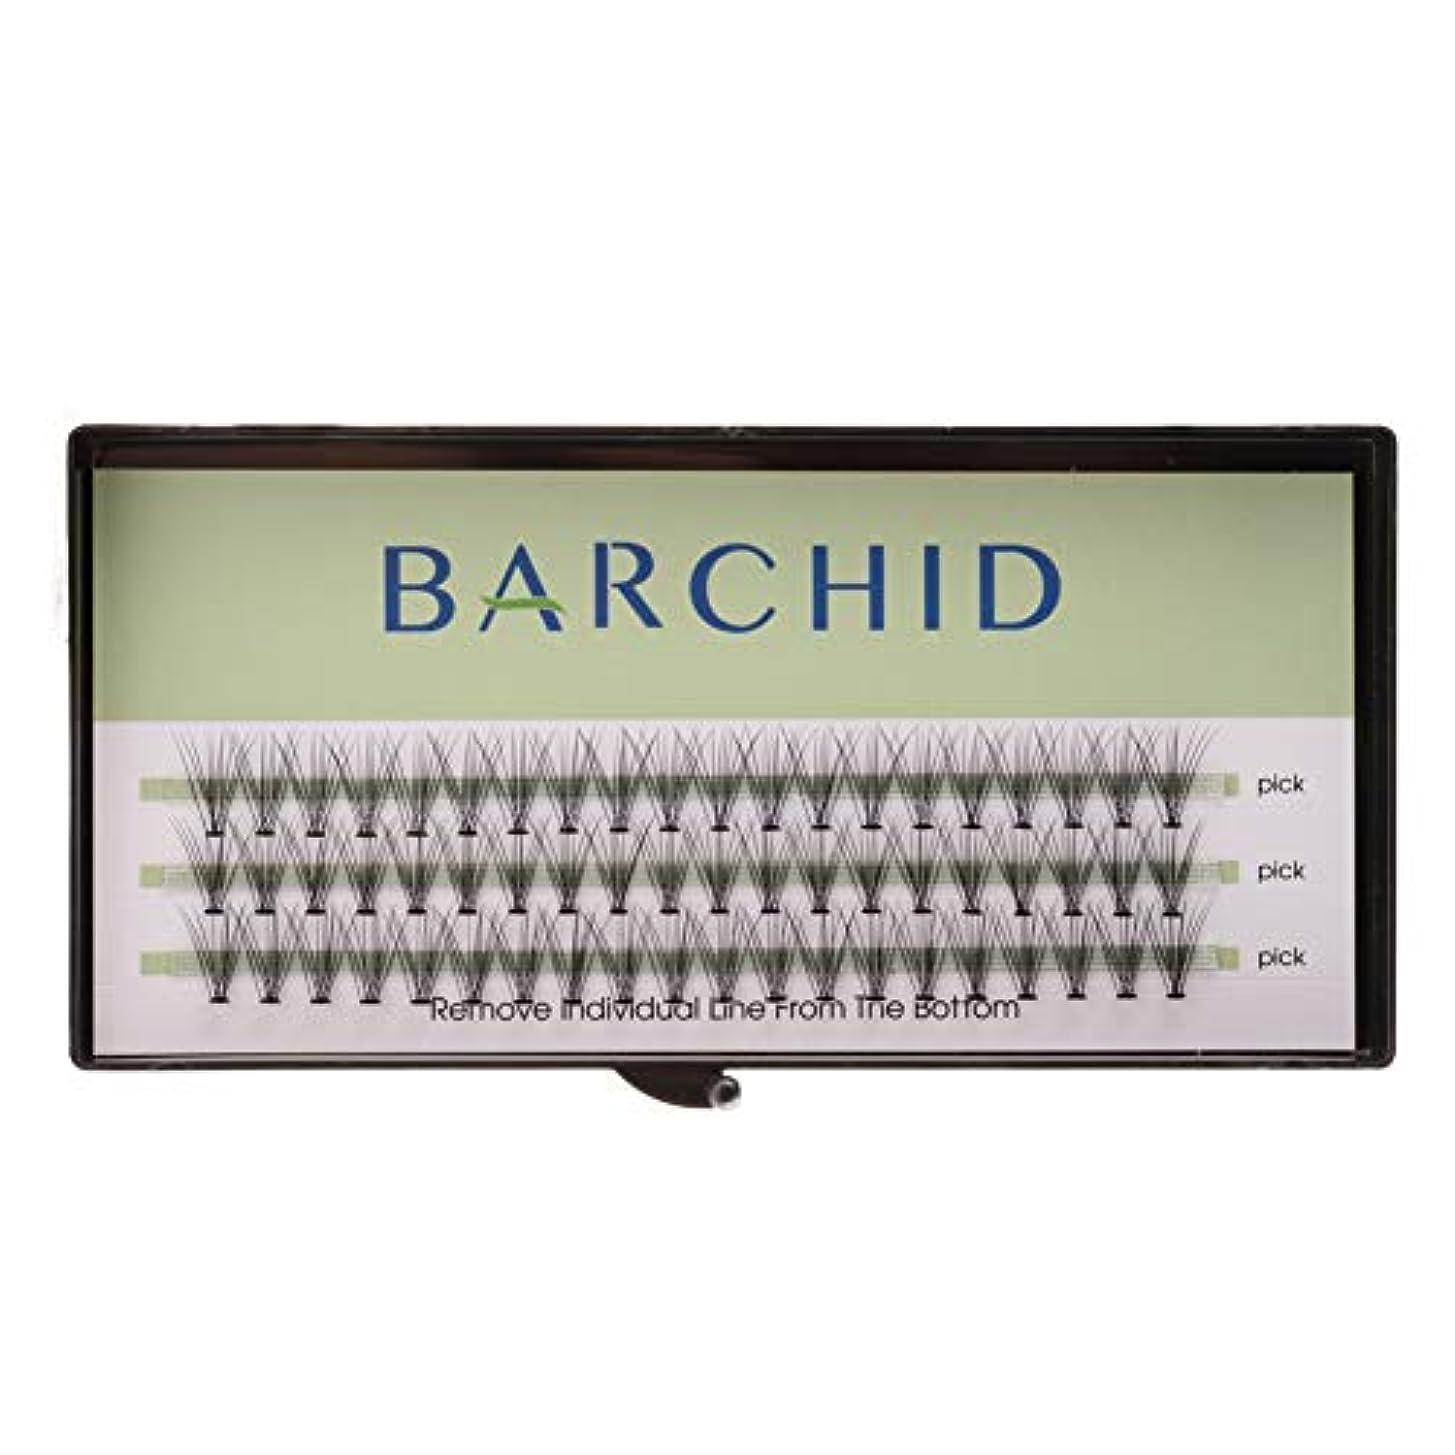 流暢製作勤勉BARCHID 高品質超極細まつげエクステ太さ0.07mm 10本束10mm Cカール フレア セルフ用 素材  マツエク